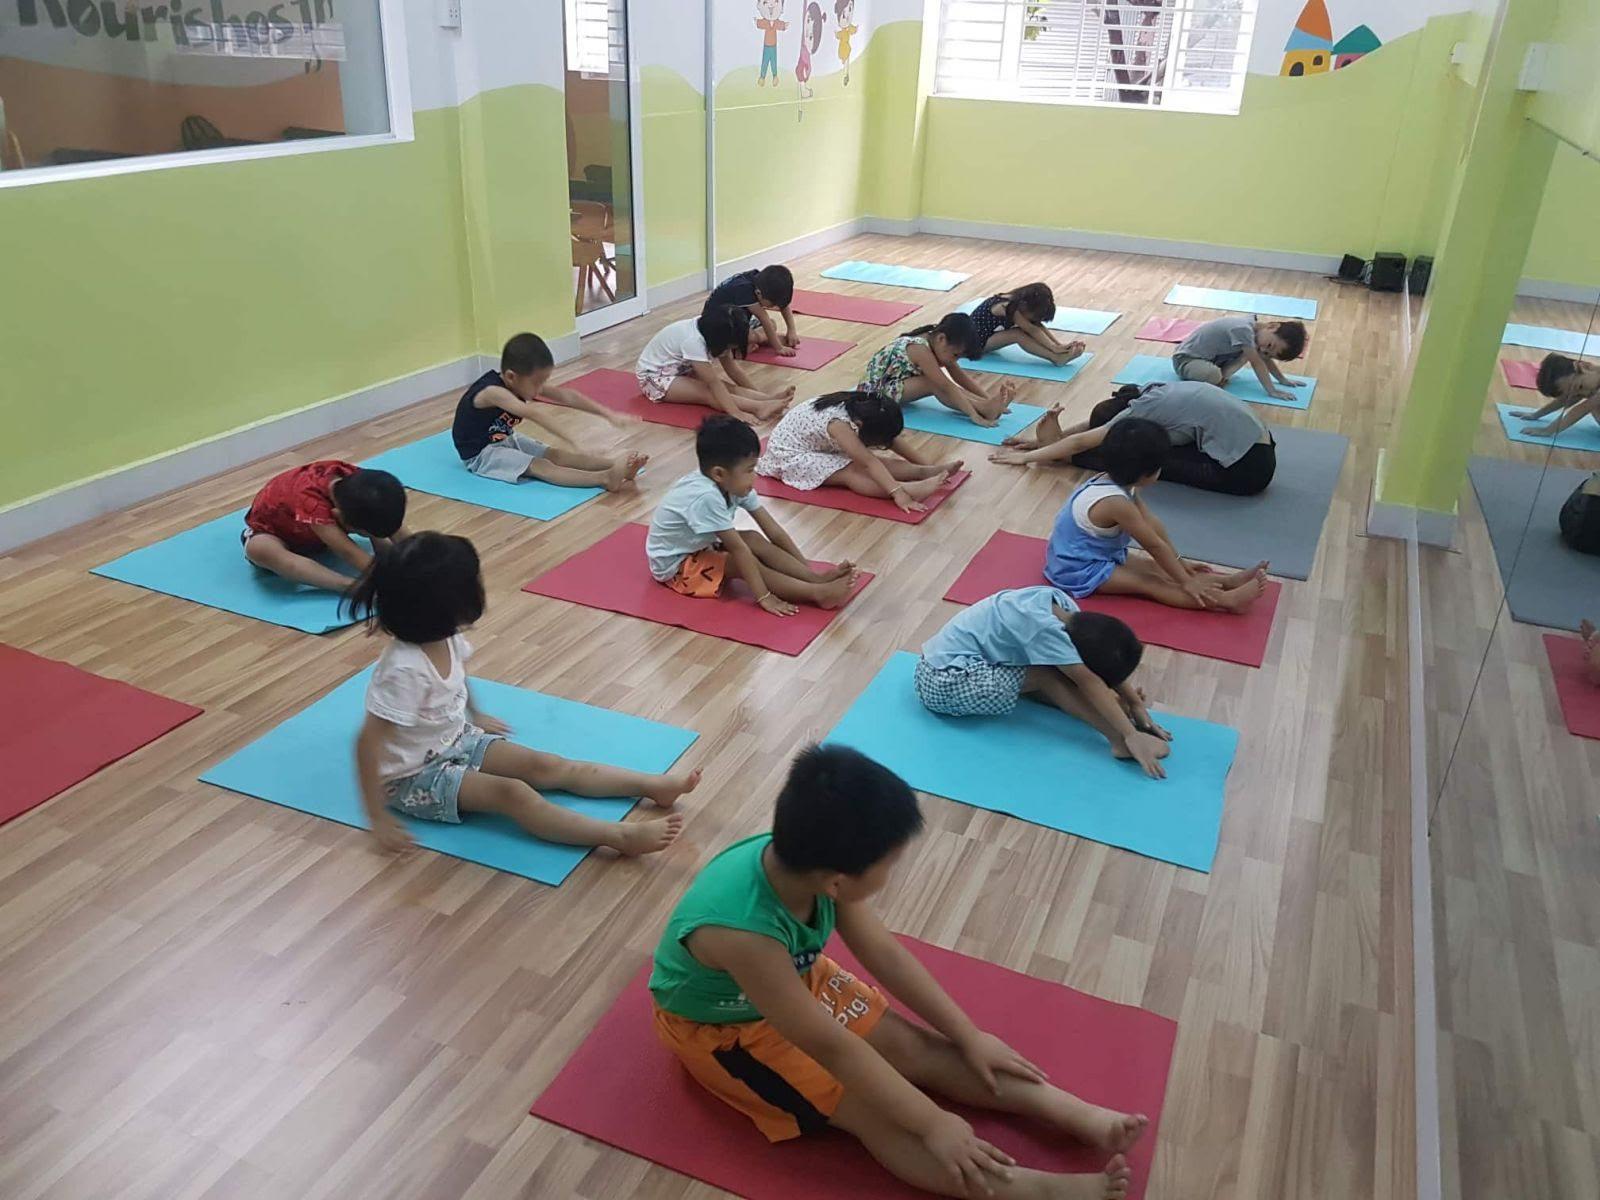 Bộ môn YogaKids phù hợp với các bé trong độ tuổi phát triển về cơ thể